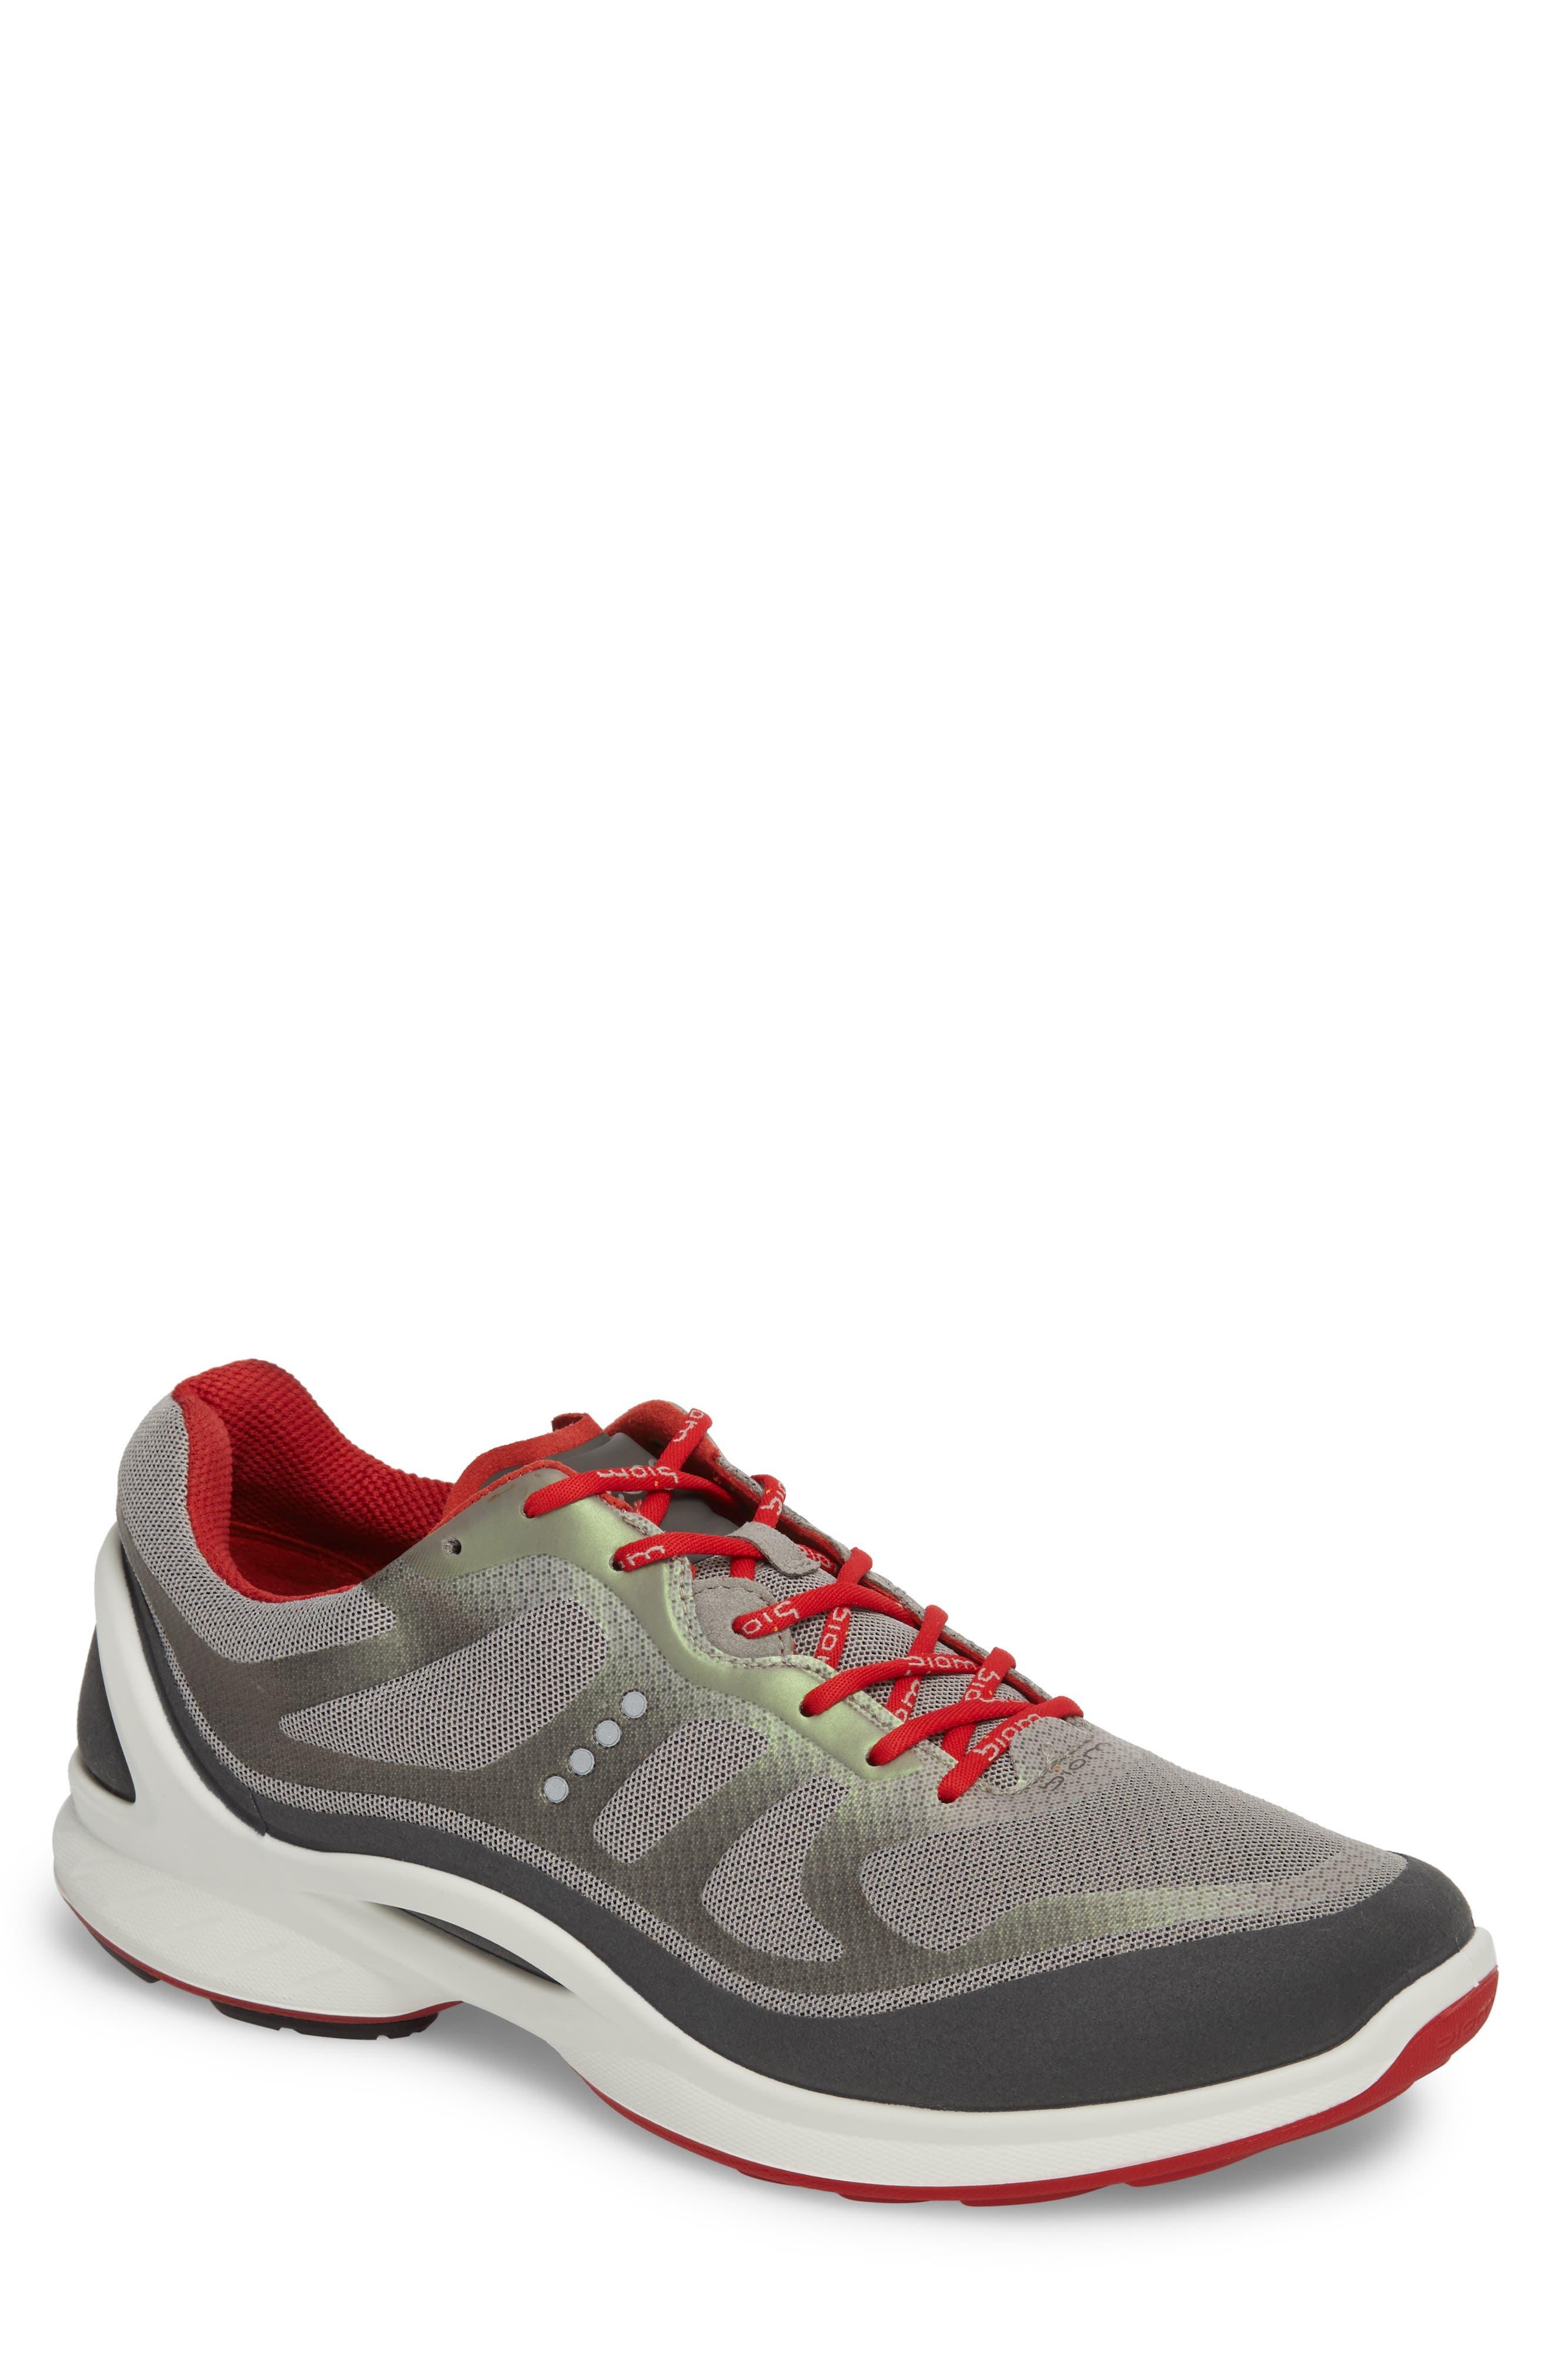 BIOM Fjuel Tie Sneaker,                             Main thumbnail 1, color,                             Dark Shadow/ Wild Dove Textile